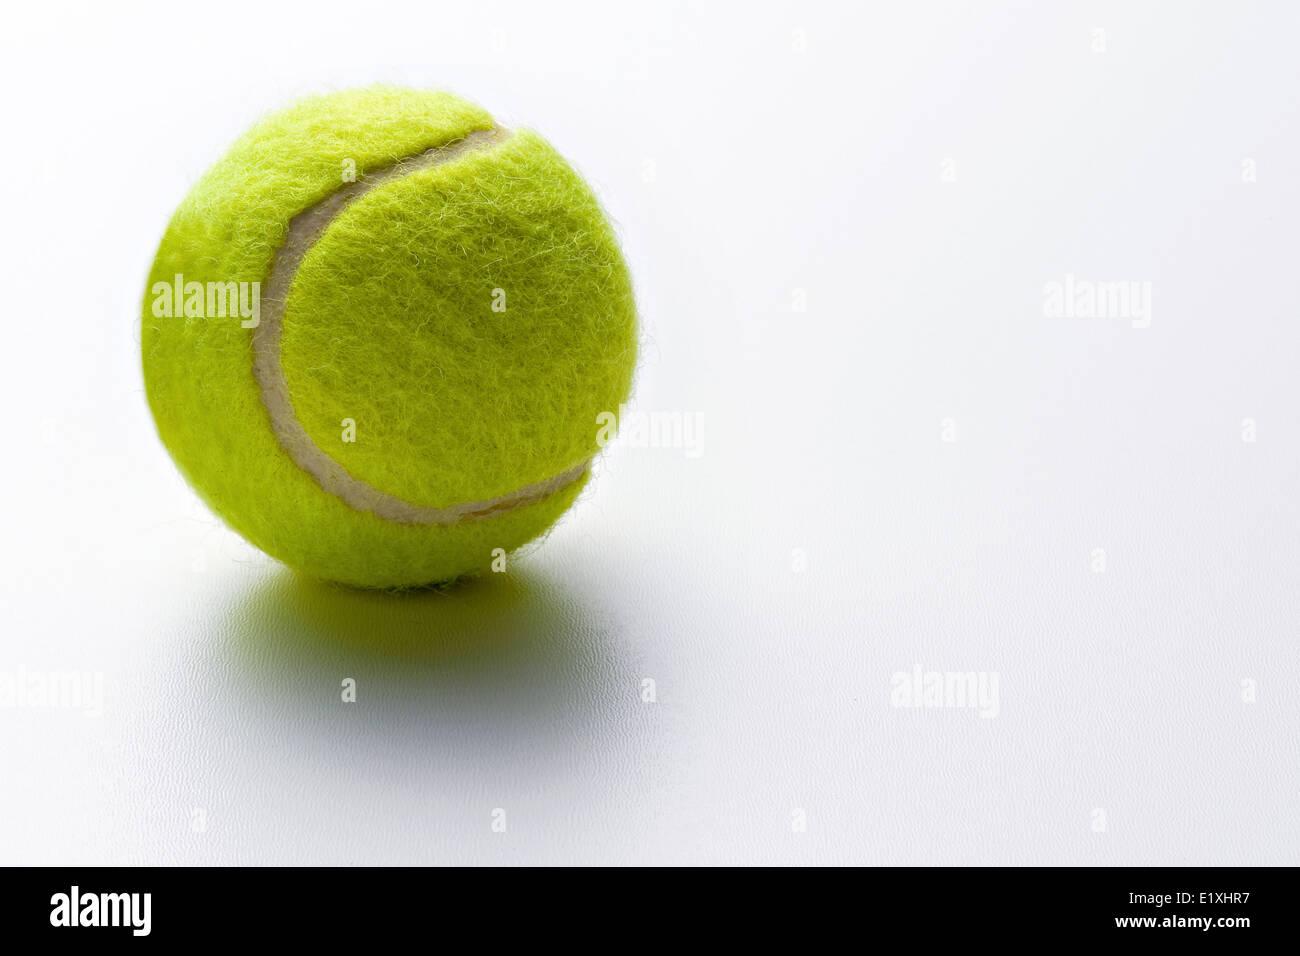 4e1eb82c19396 Jaune Vert unique balle de tennis sur un fond blanc avec copie espace  d'exercice conceptuel, le sport, la santé et fitness